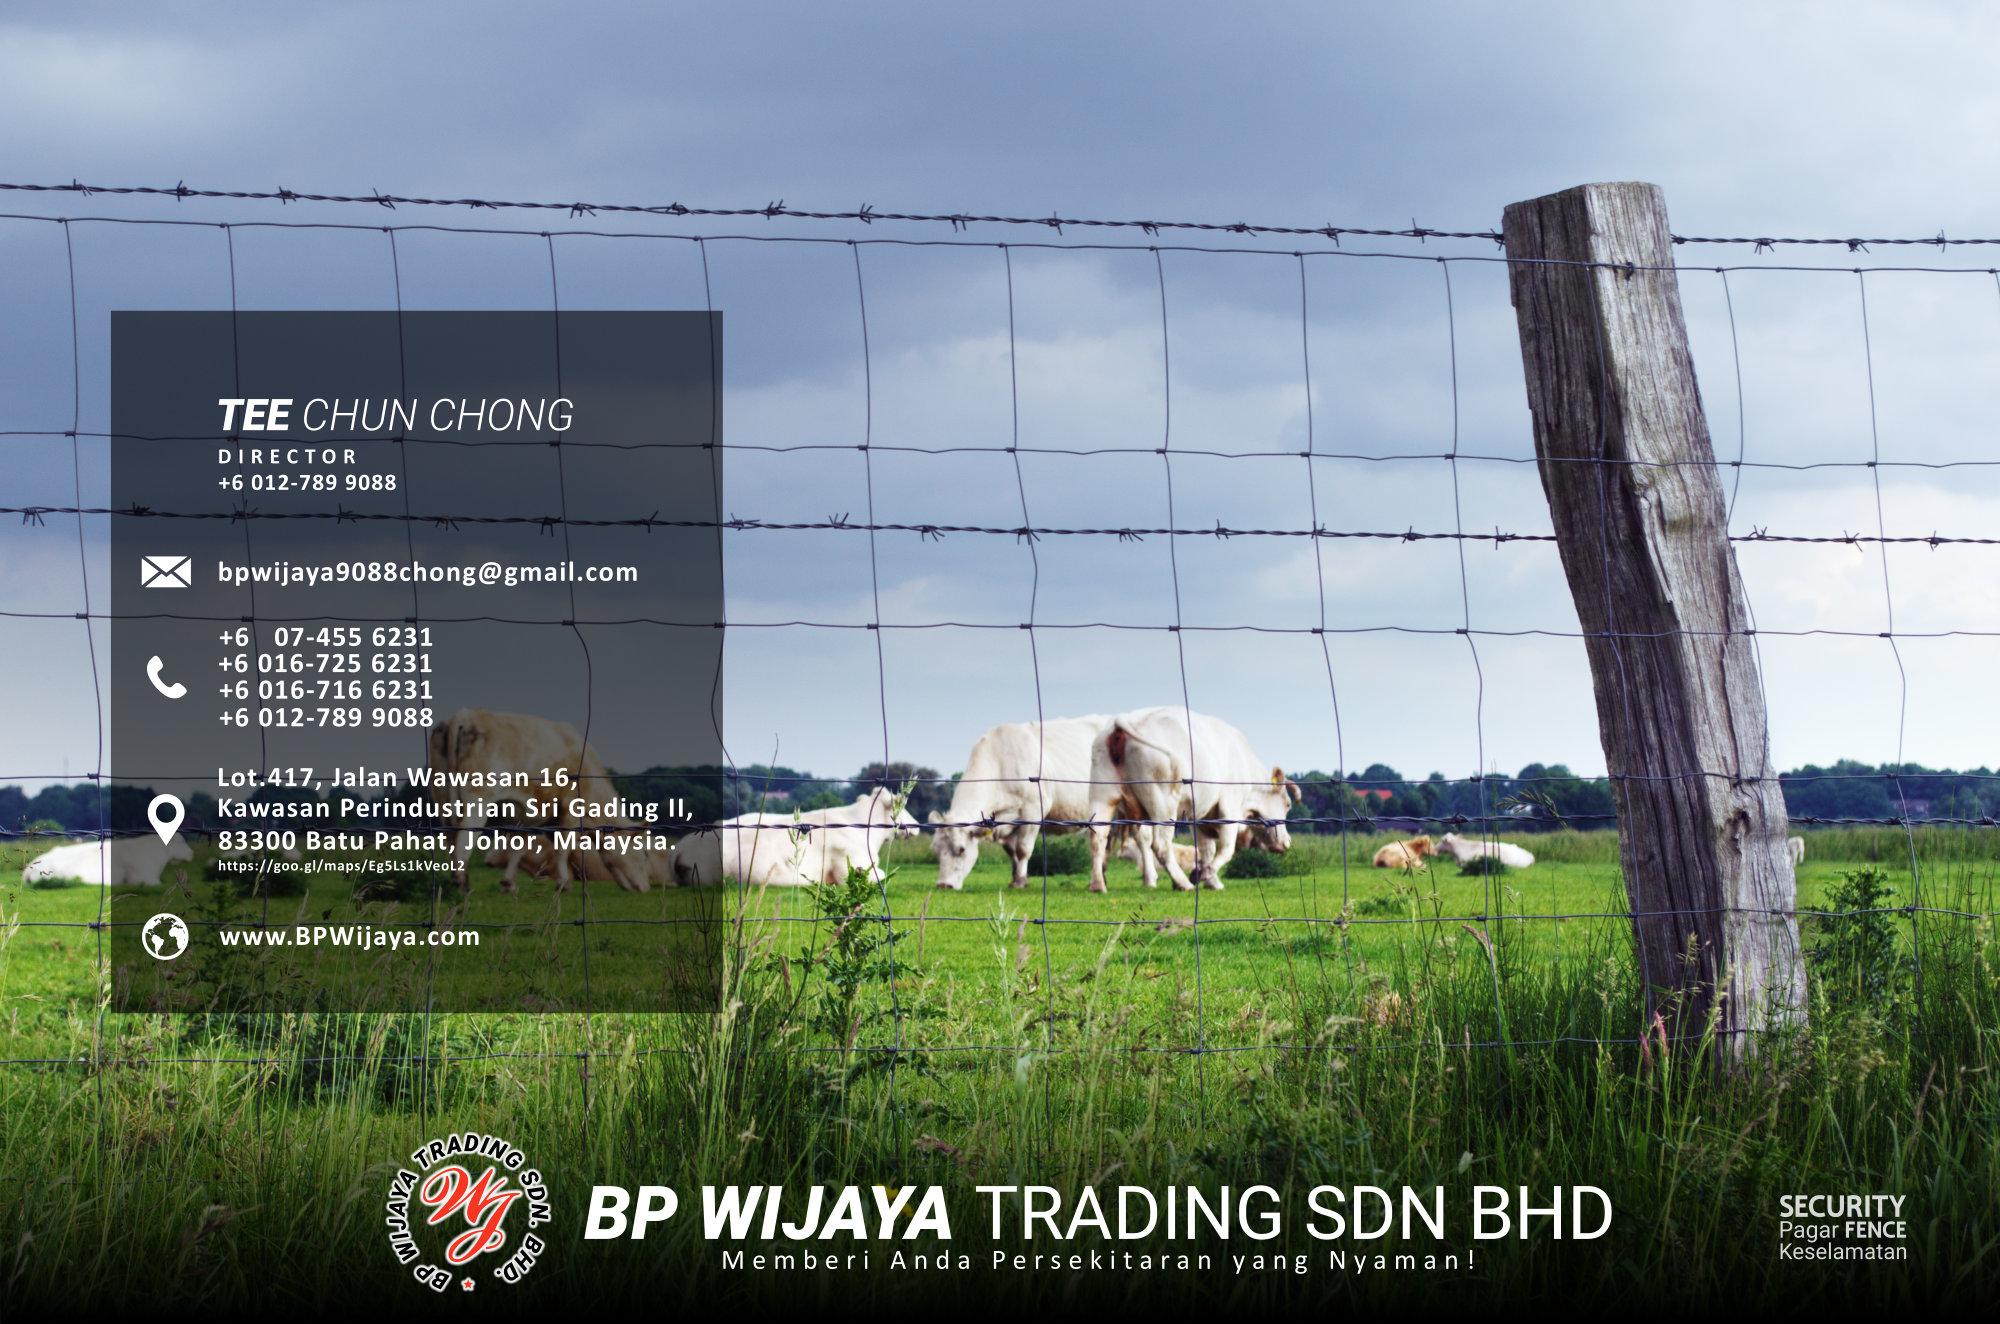 Pembekal Kuala Lumpur Pagar Keselamatan kami merupakan pengilang pagar keselamatan BP Wijaya Trading Sdn Bhd Pagar Taman Pagar Bangunan Pagar Kilang Pagar Rumah Pemborong Pagar Keselamatan A03-022